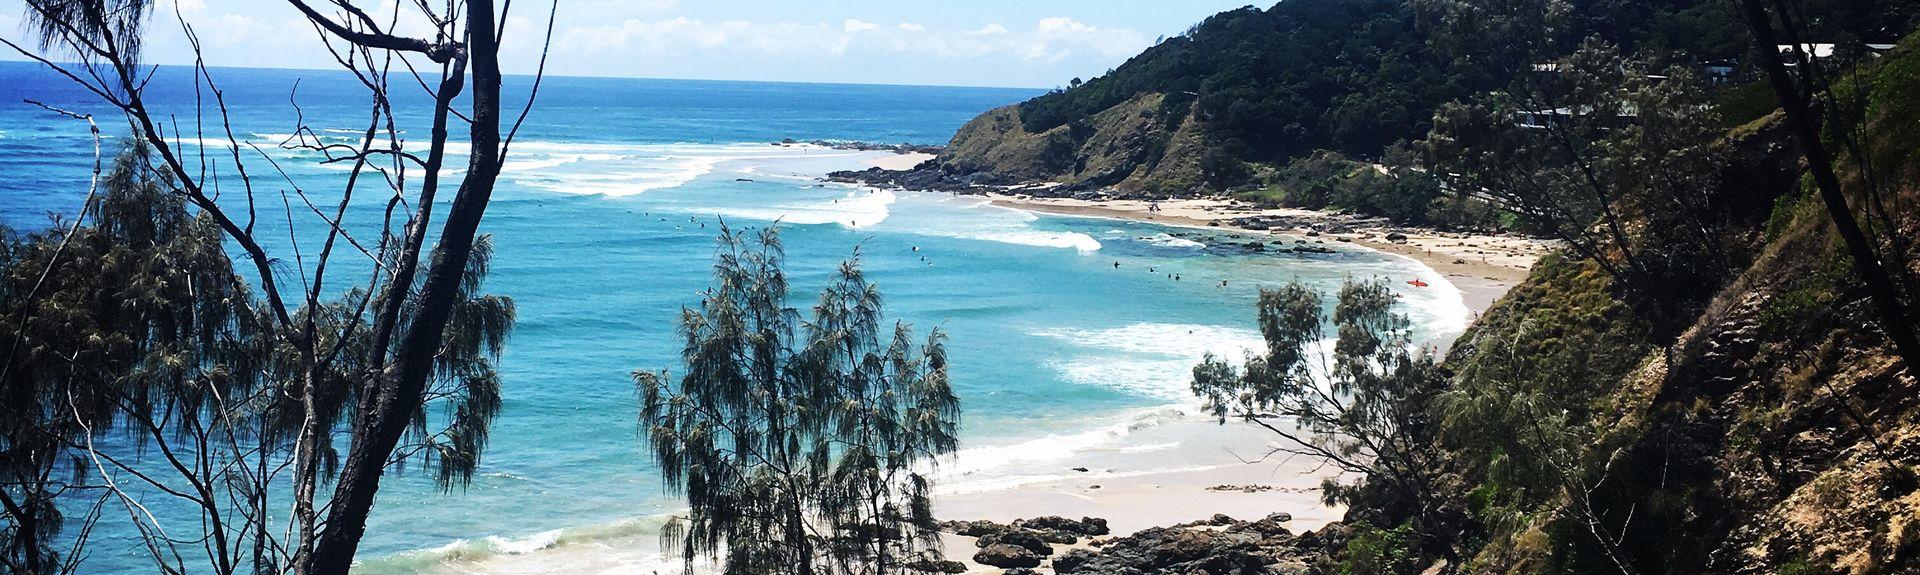 Brunswick Heads, New South Wales, Australia